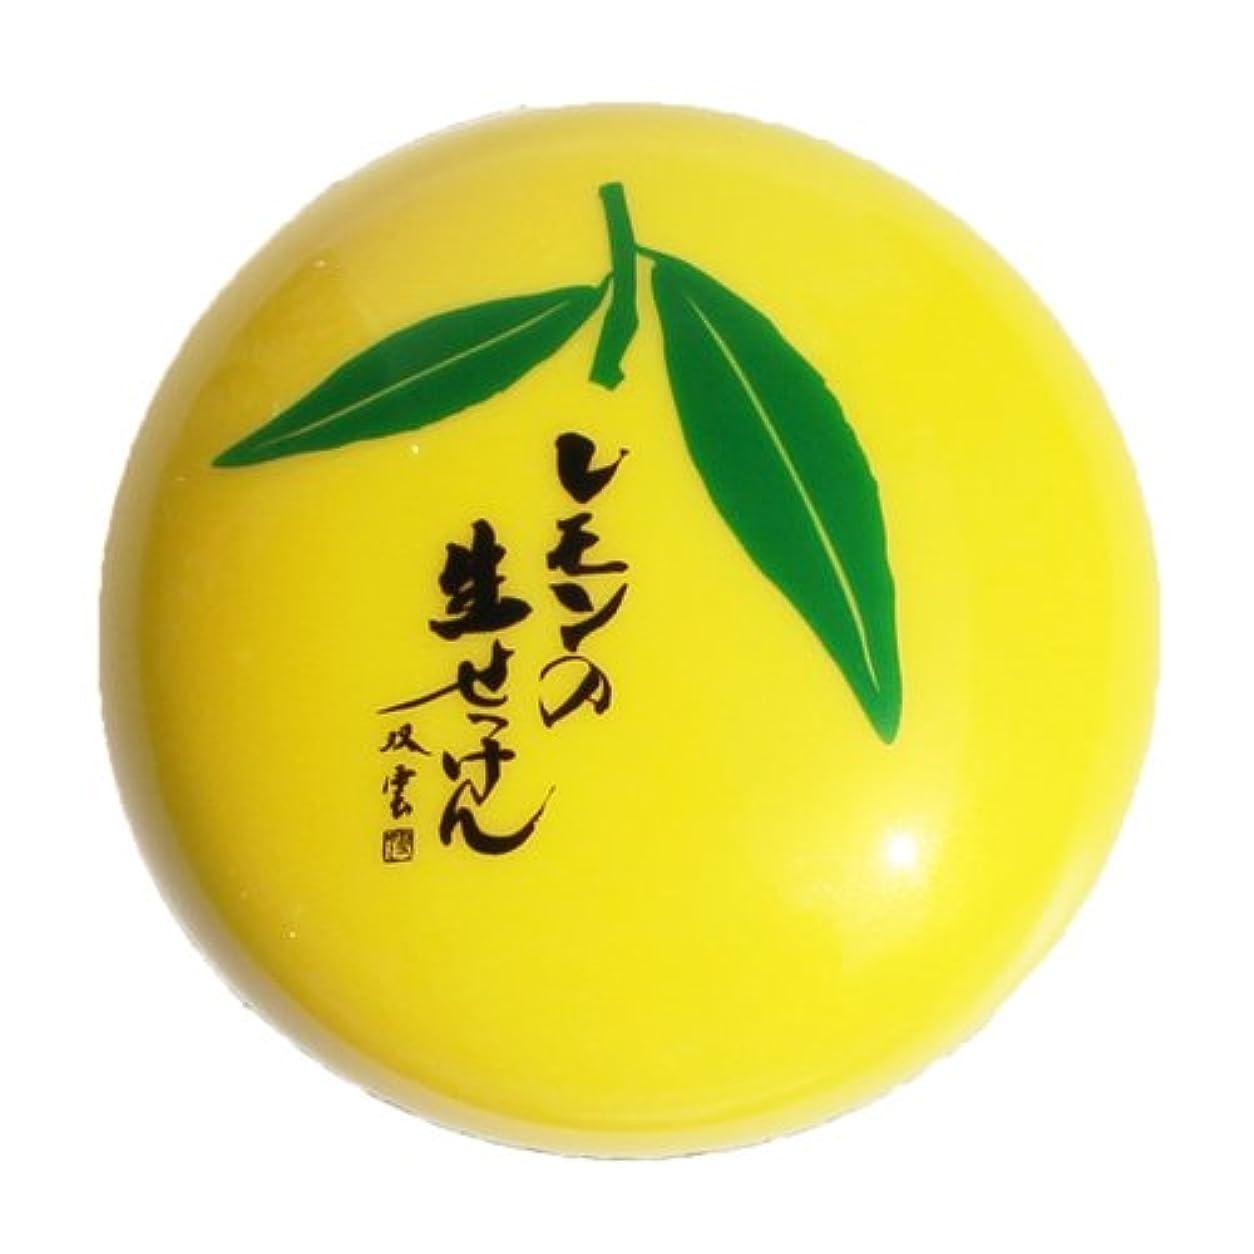 間接的嫌がらせカウンターパート美香柑 レモンの生せっけん 50g